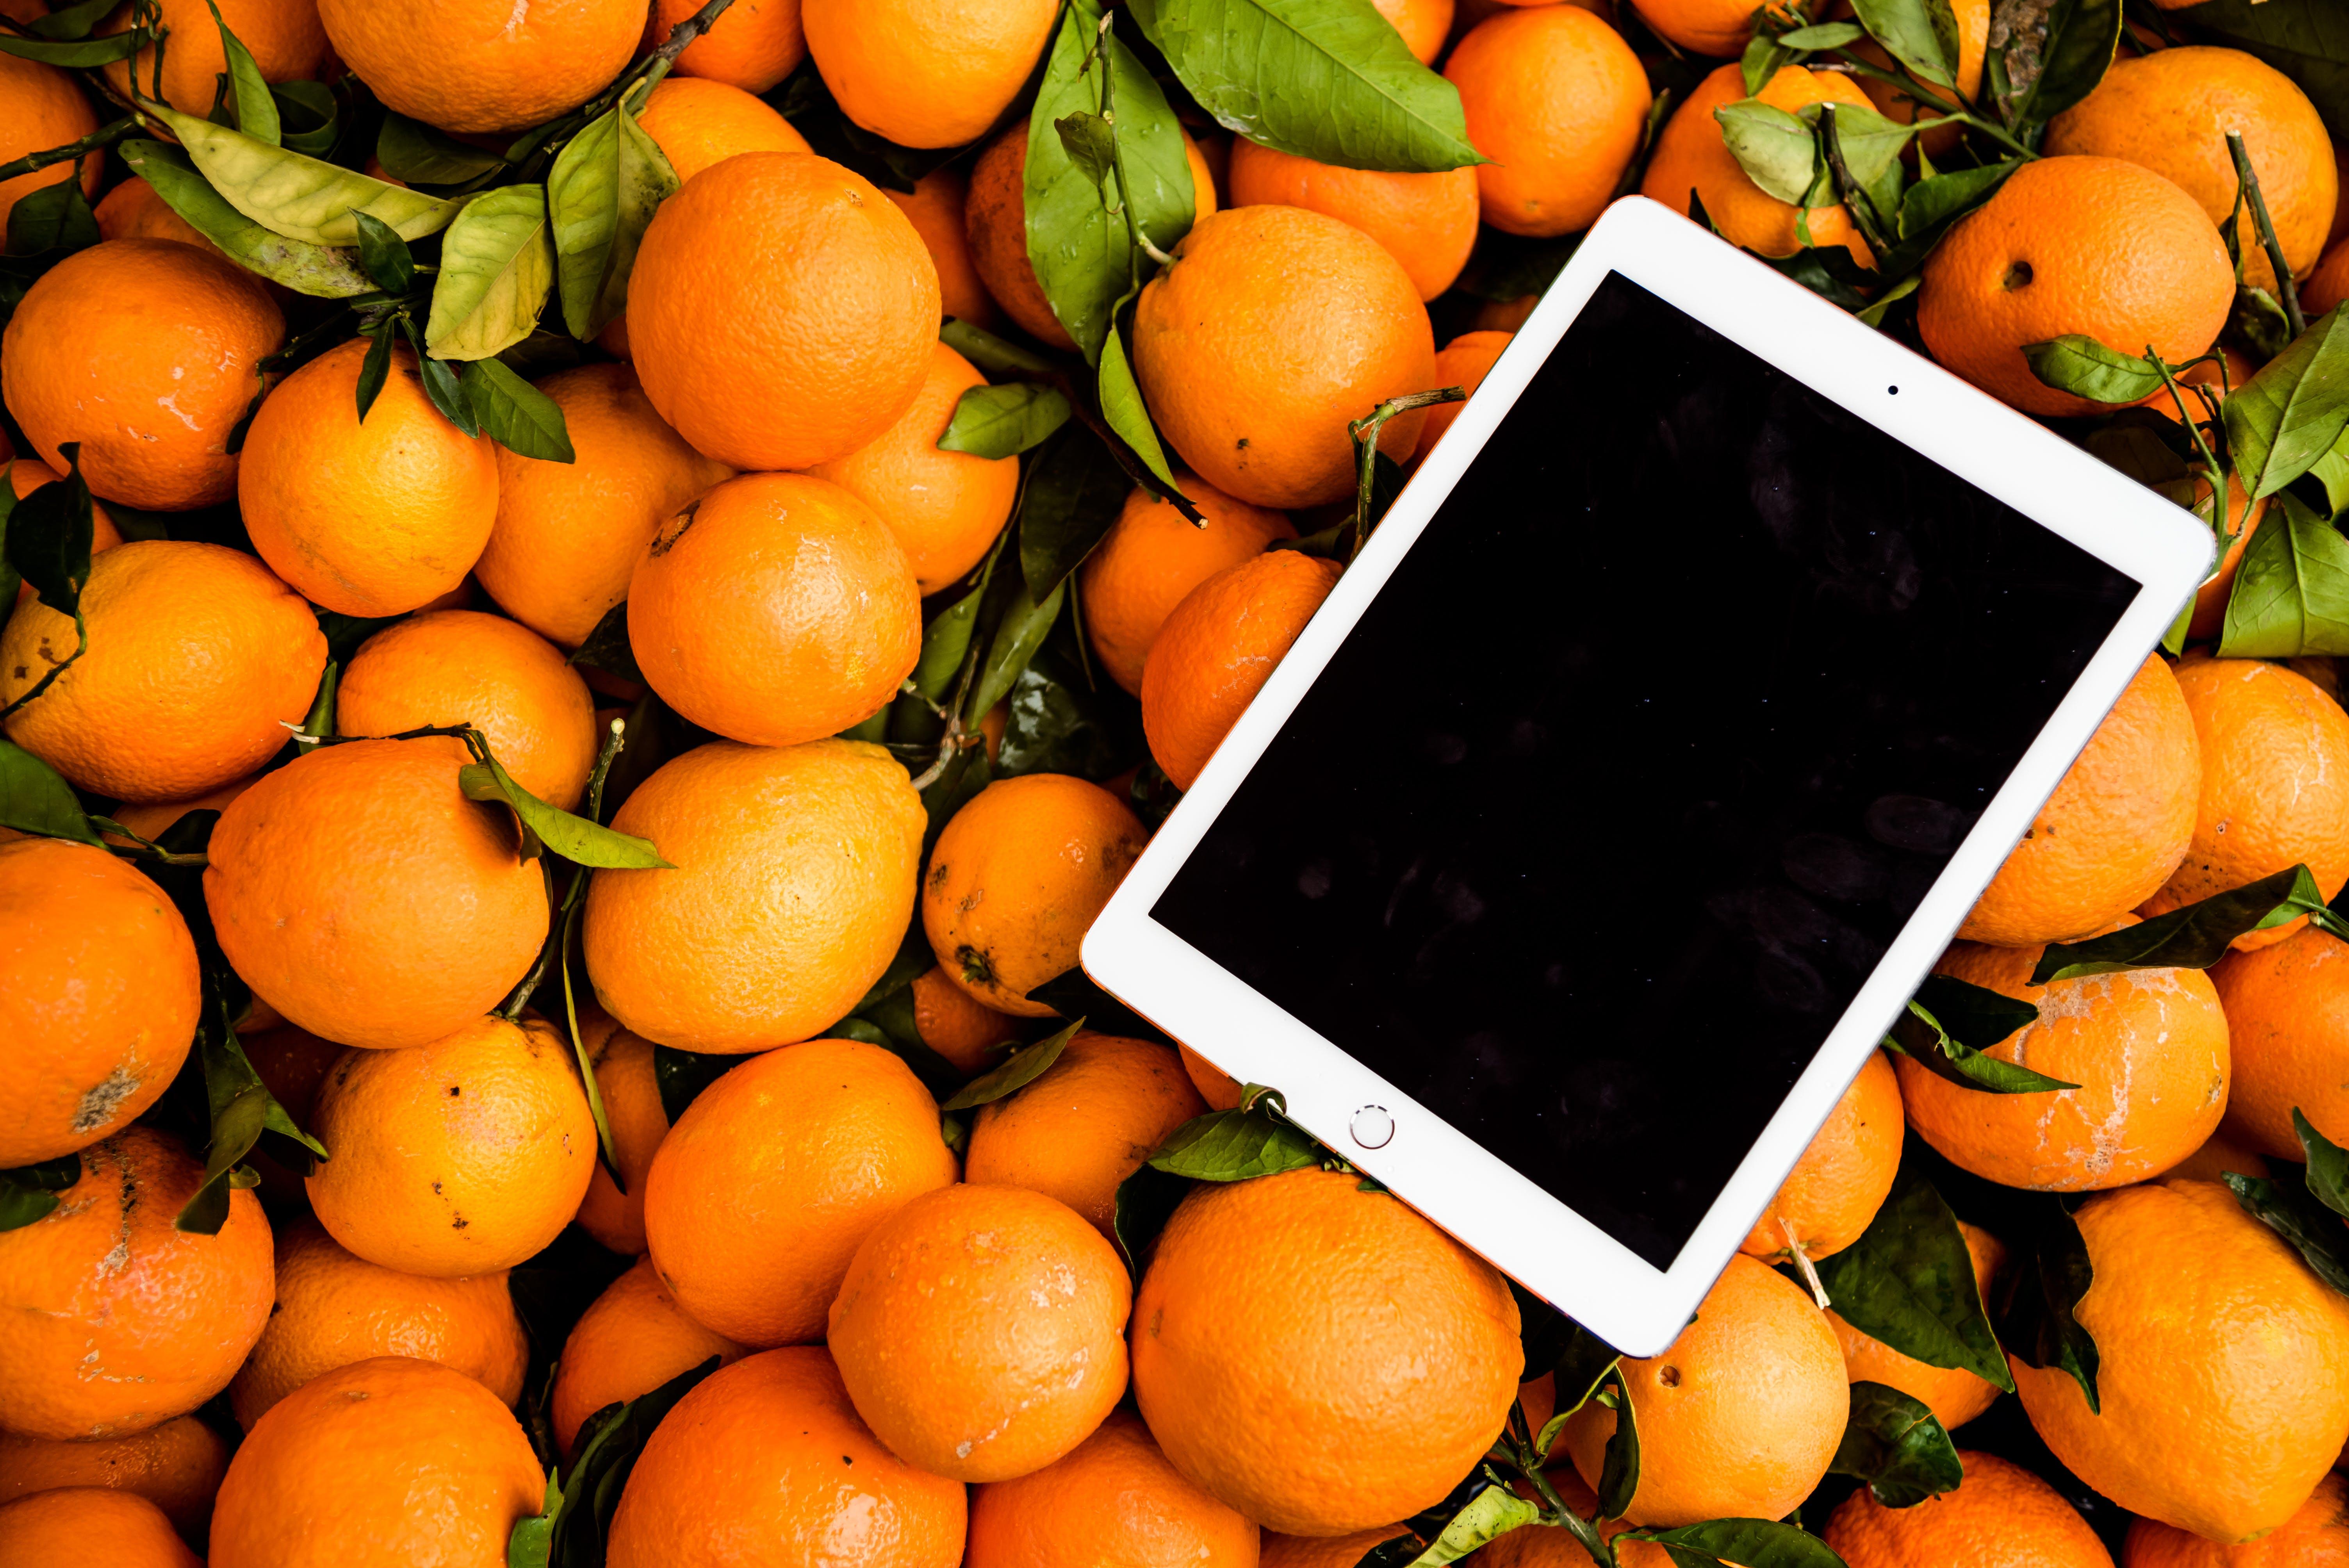 Photo of Ipad on Orange Fruits